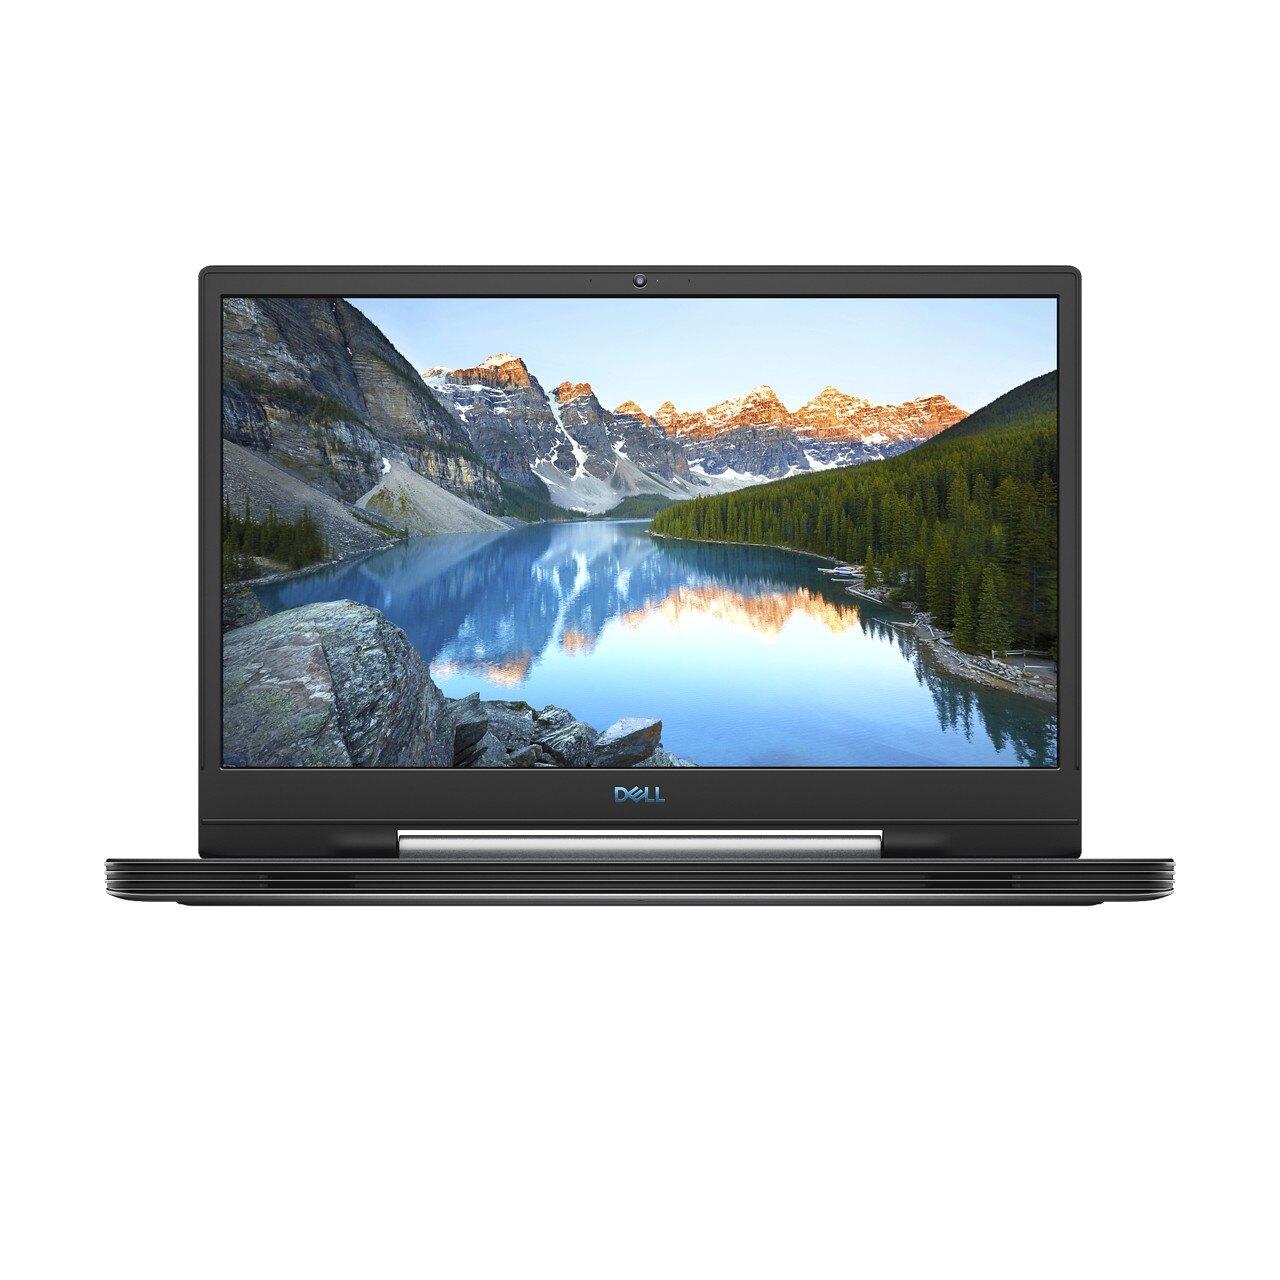 Dell G7 17 7790: 17.3'' 144 Hz FHD IPS, i7-9750H, 16GB DDR4, 512GB PCIe SSD, RTX 2060, Thunderbolt 3, Win10H + Rakuten $91.32 Cash @ $1290 + F/S